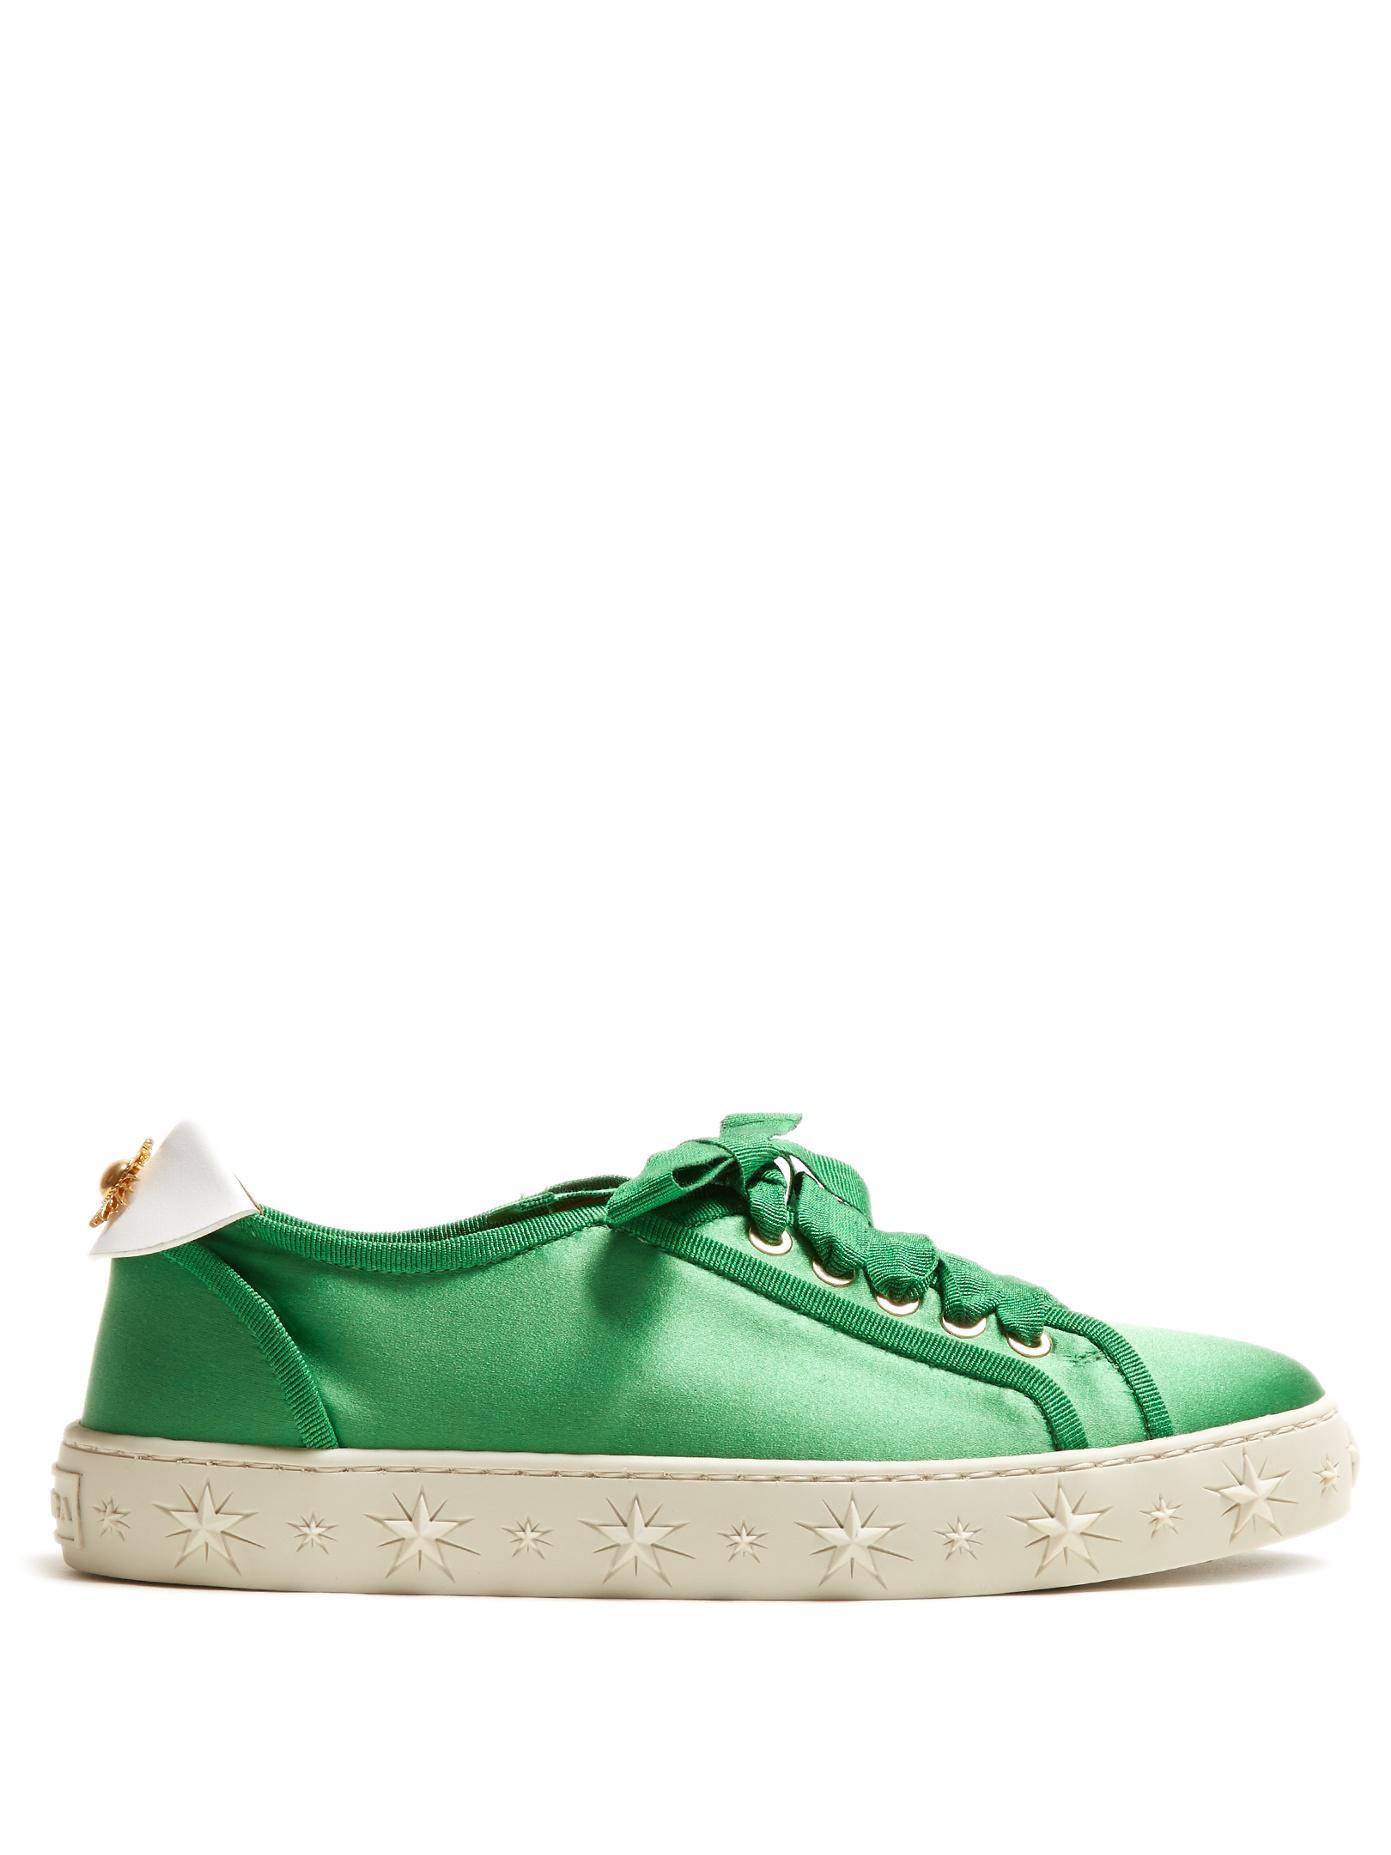 Aquazzura Chaussures De Sport La - Vert yJPW5cA79